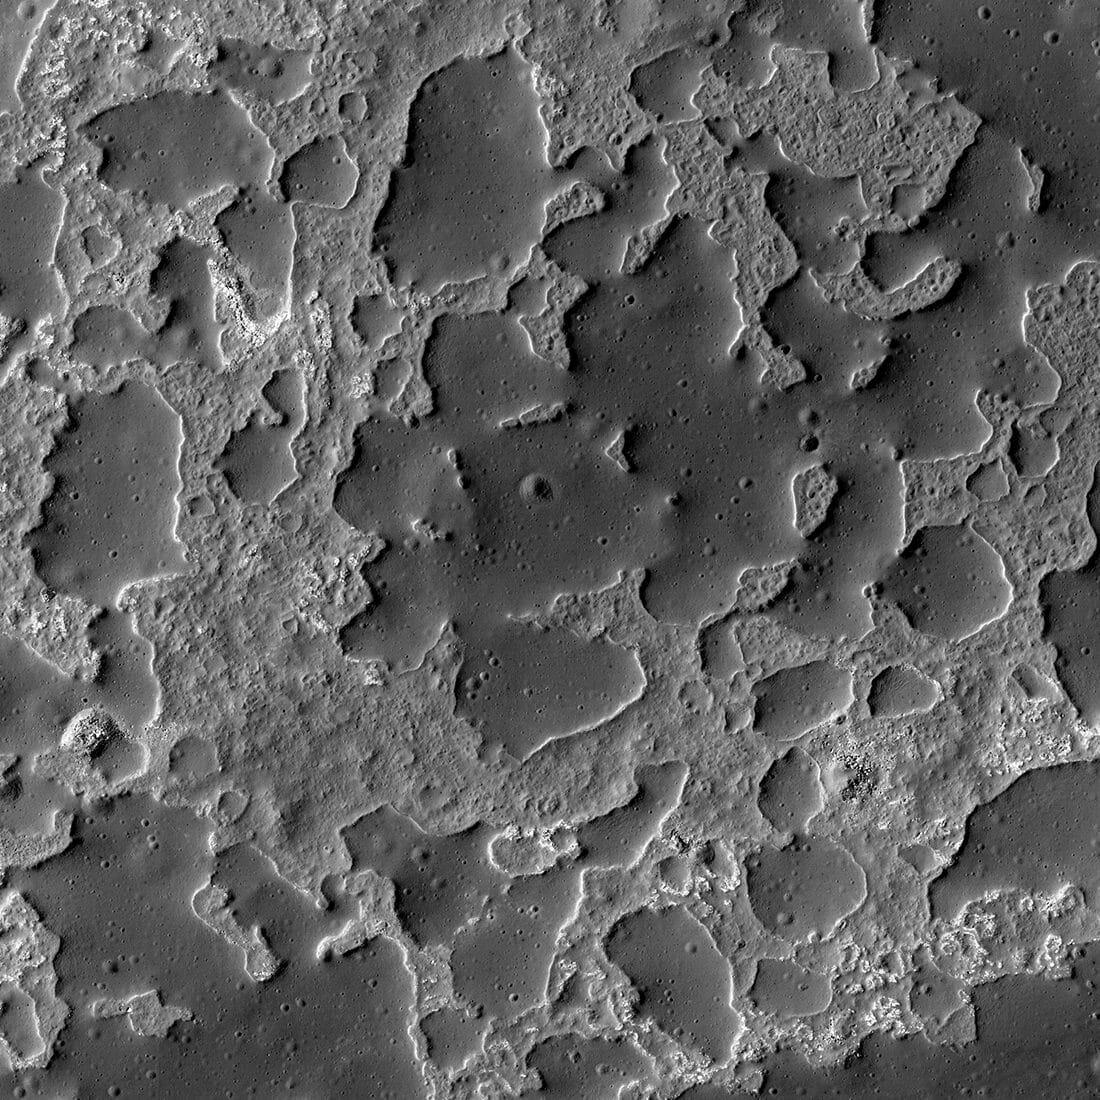 月の表側にある地形「イナ」の一部を拡大した画像(Credit: NASA/GSFC/Arizona State University)